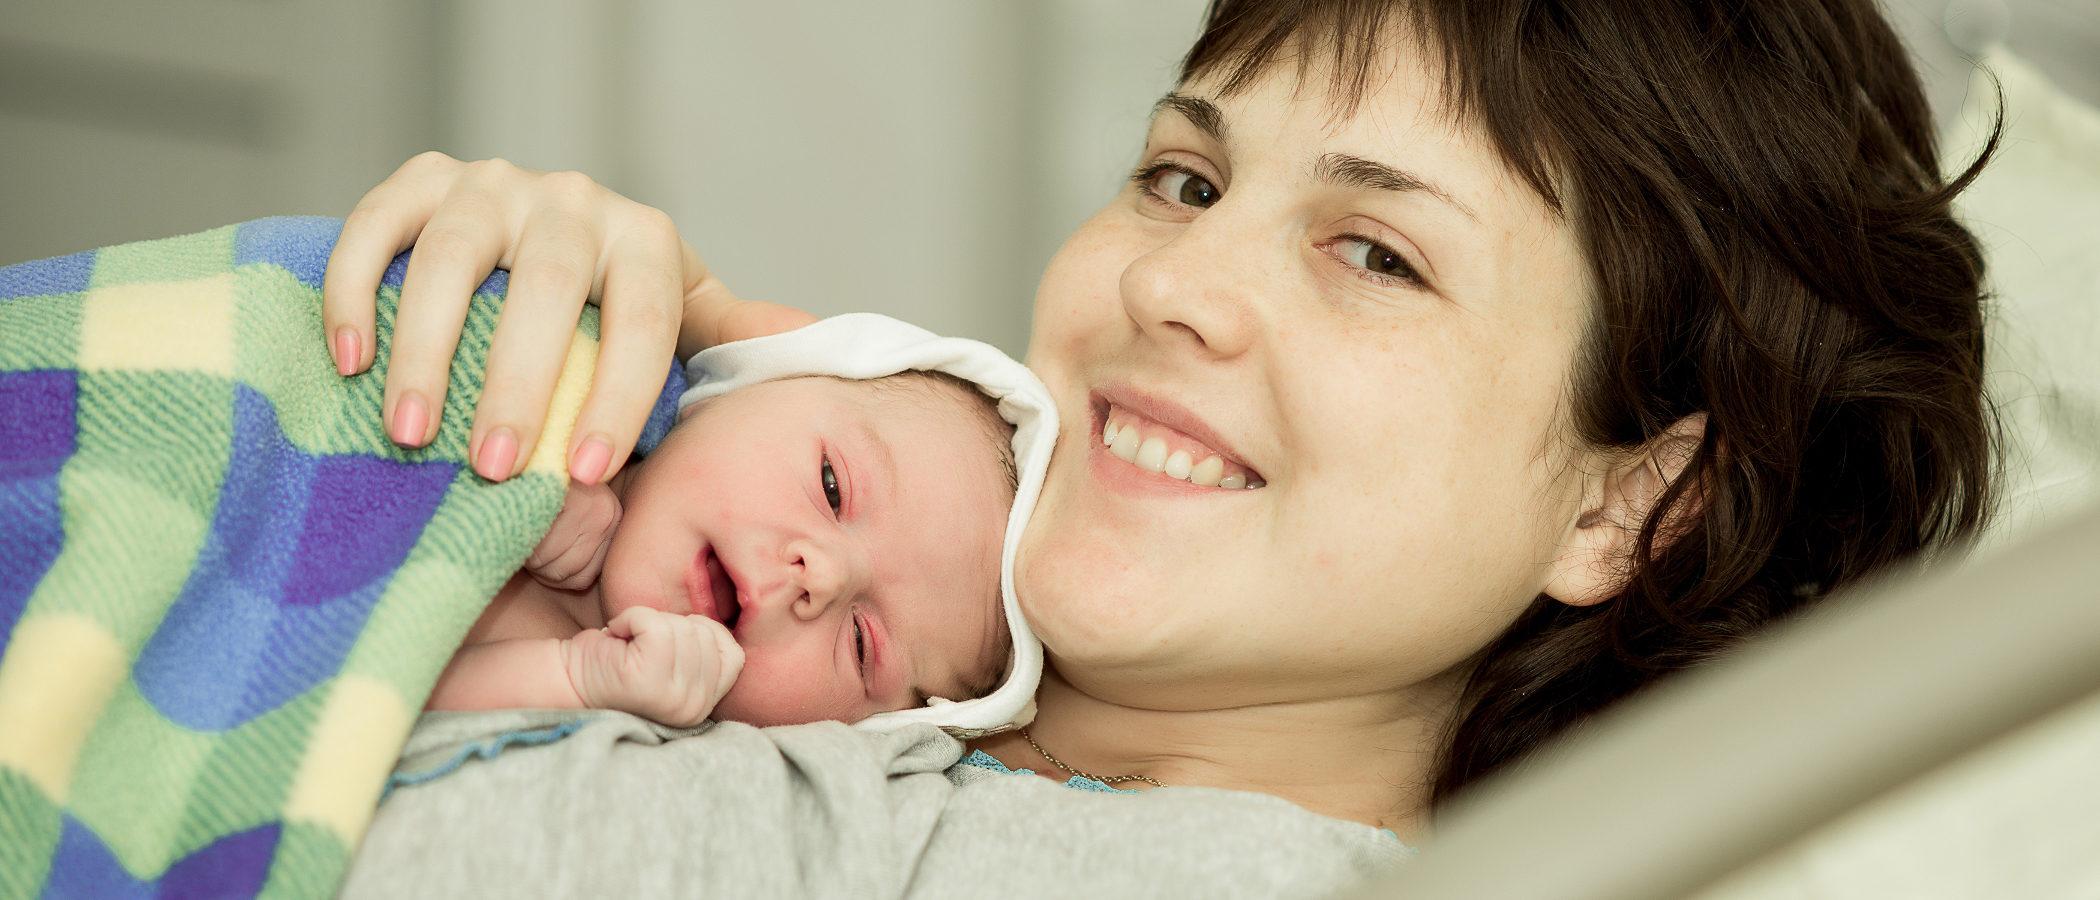 Se acerca el parto, ¿cuál es el momento de ir al hospital?